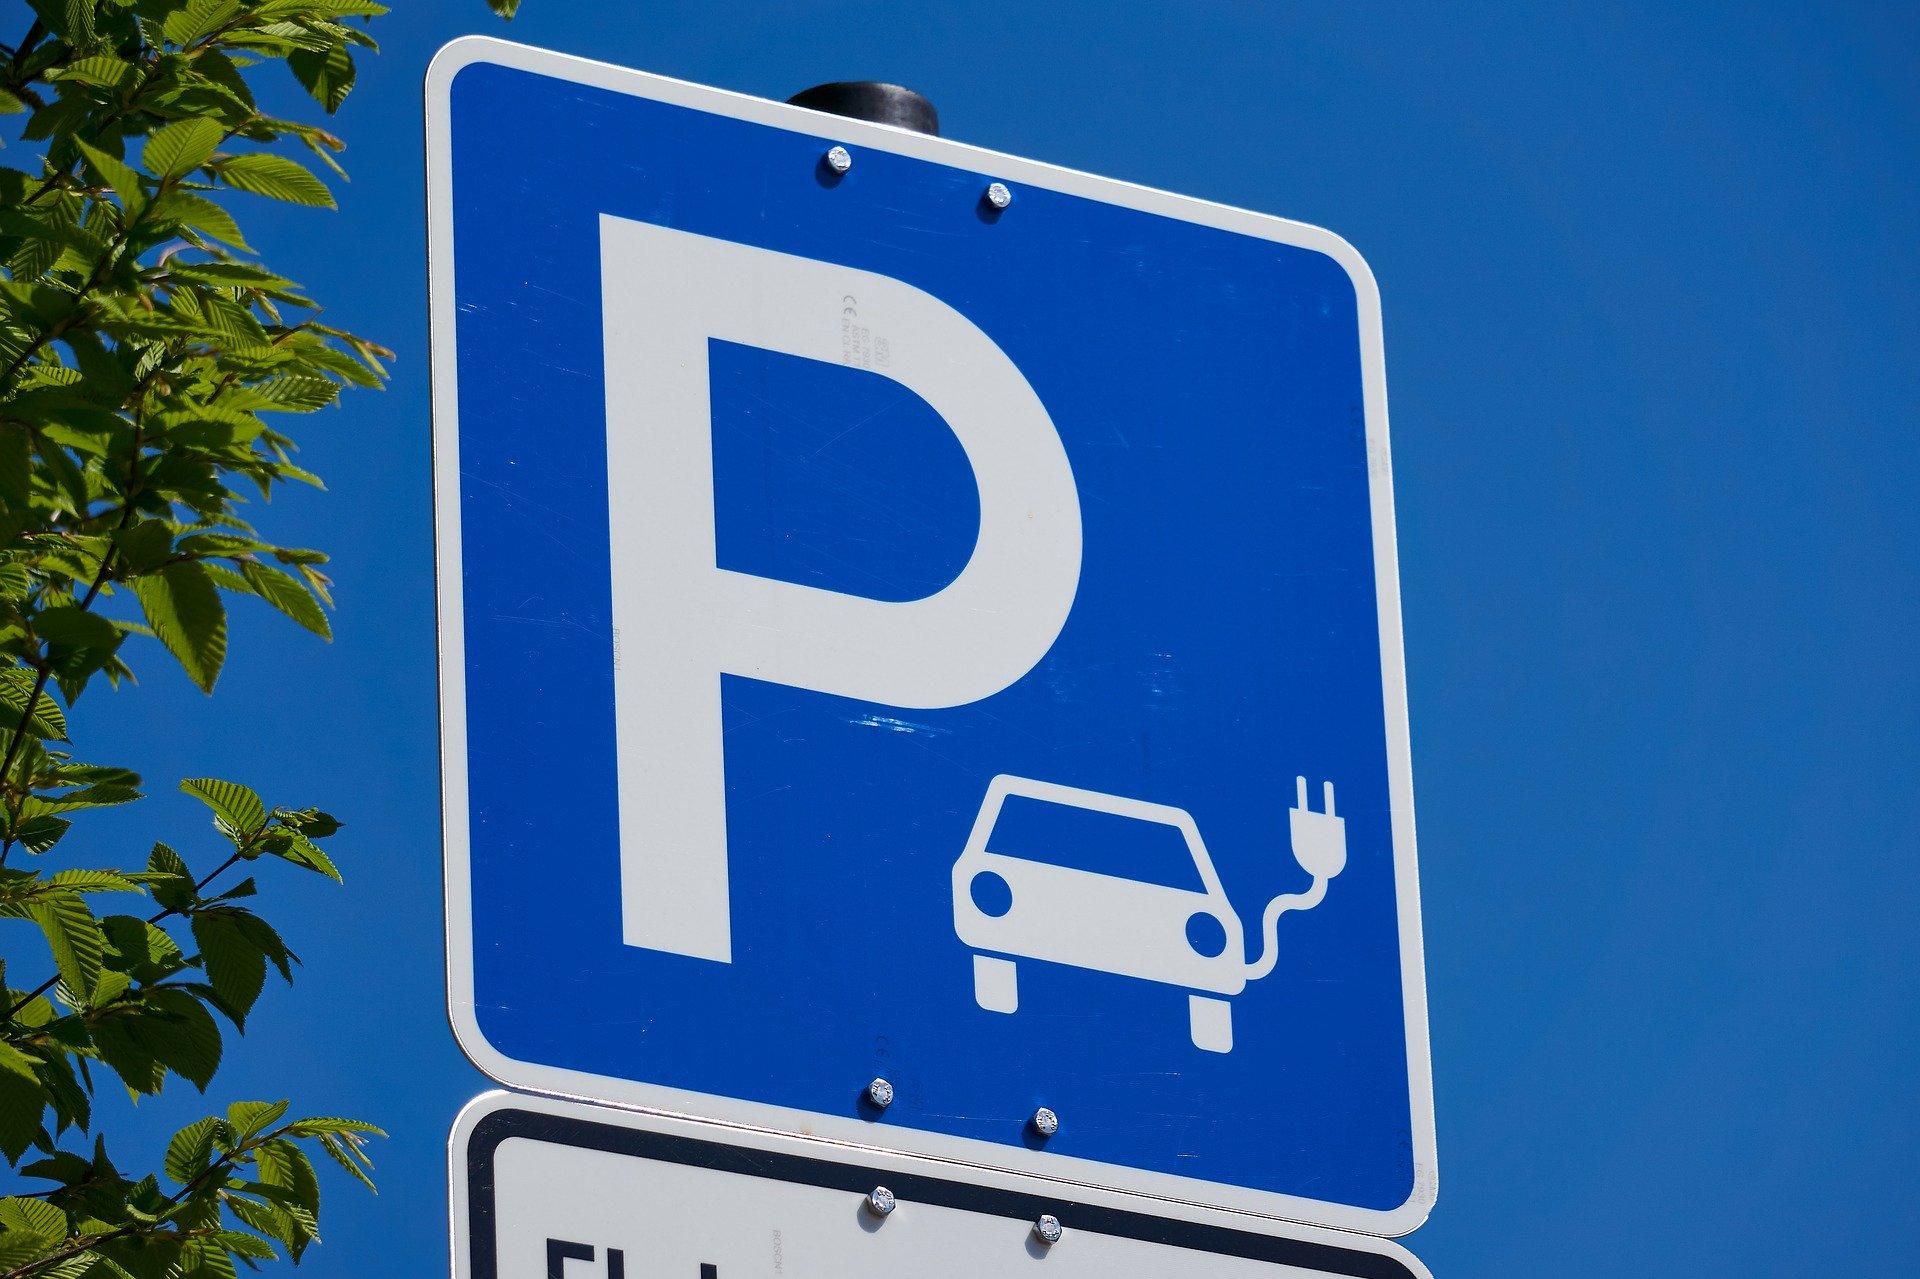 Verkehrsschild Parkplatz mit Ladesäule für Elektroautos, fotografiert im Freien.